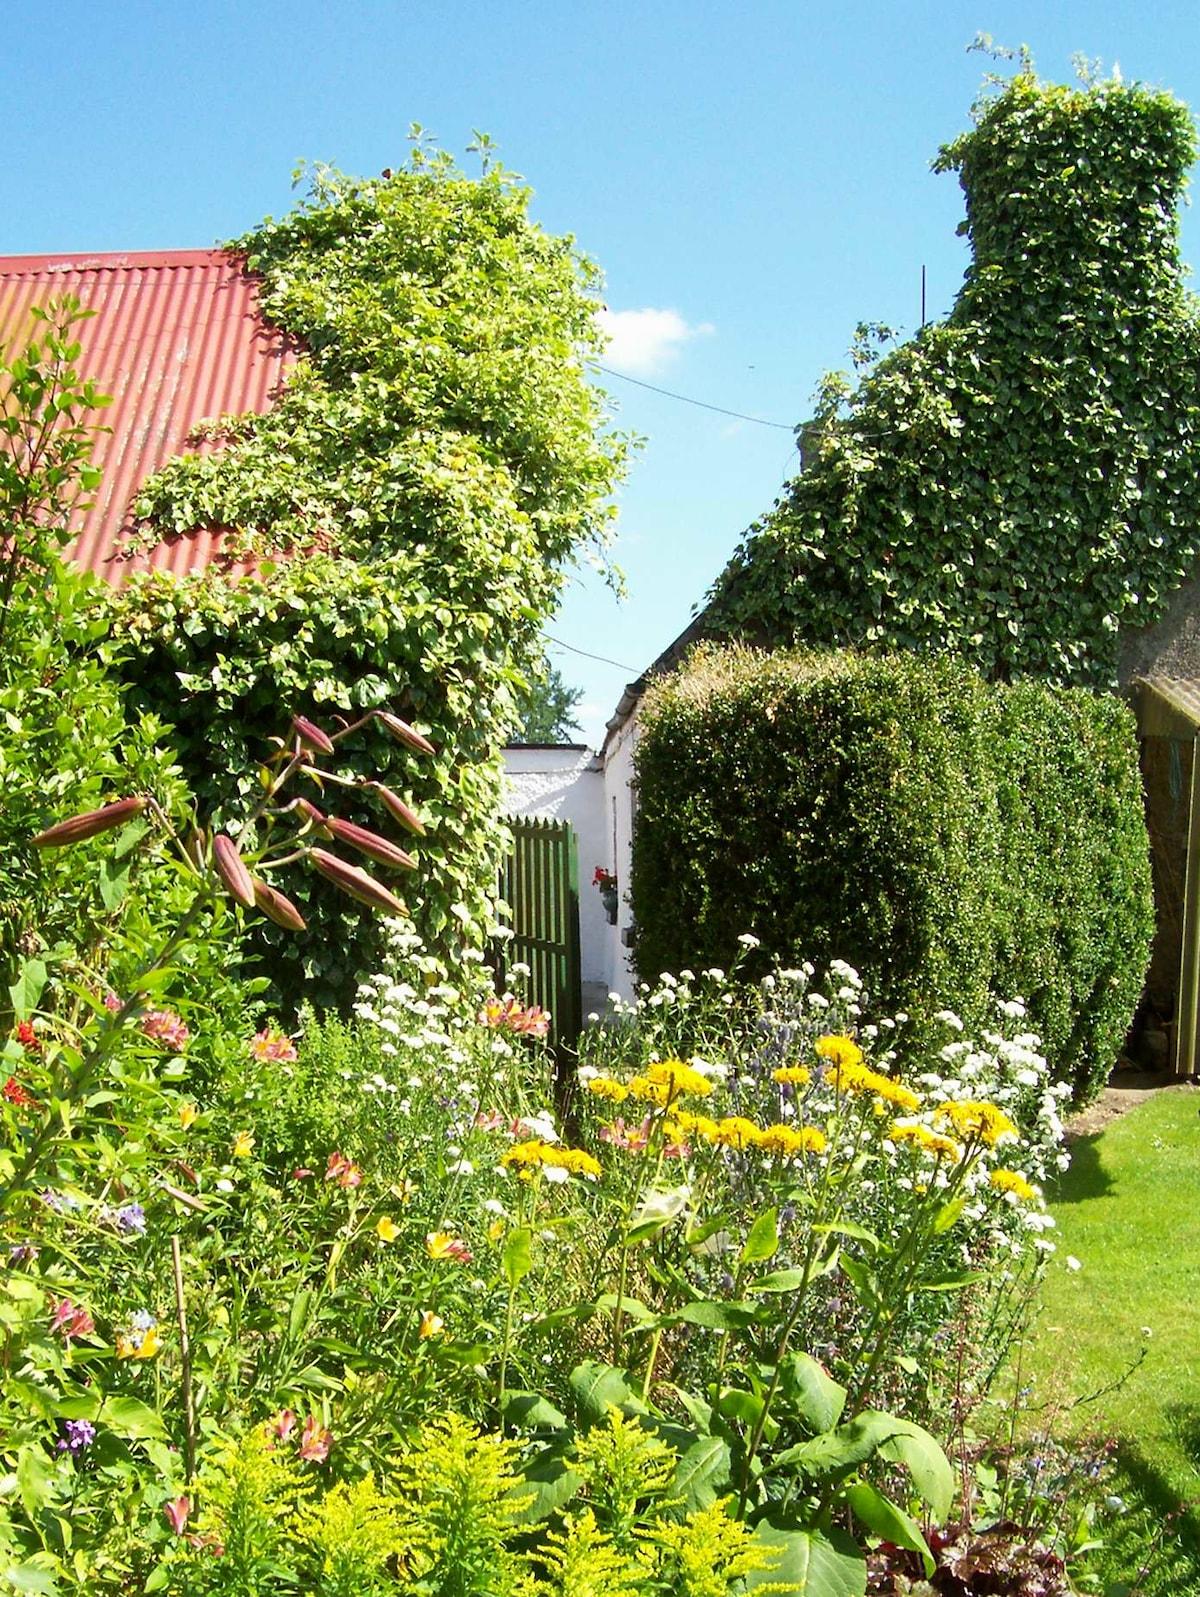 Garden in summer time.